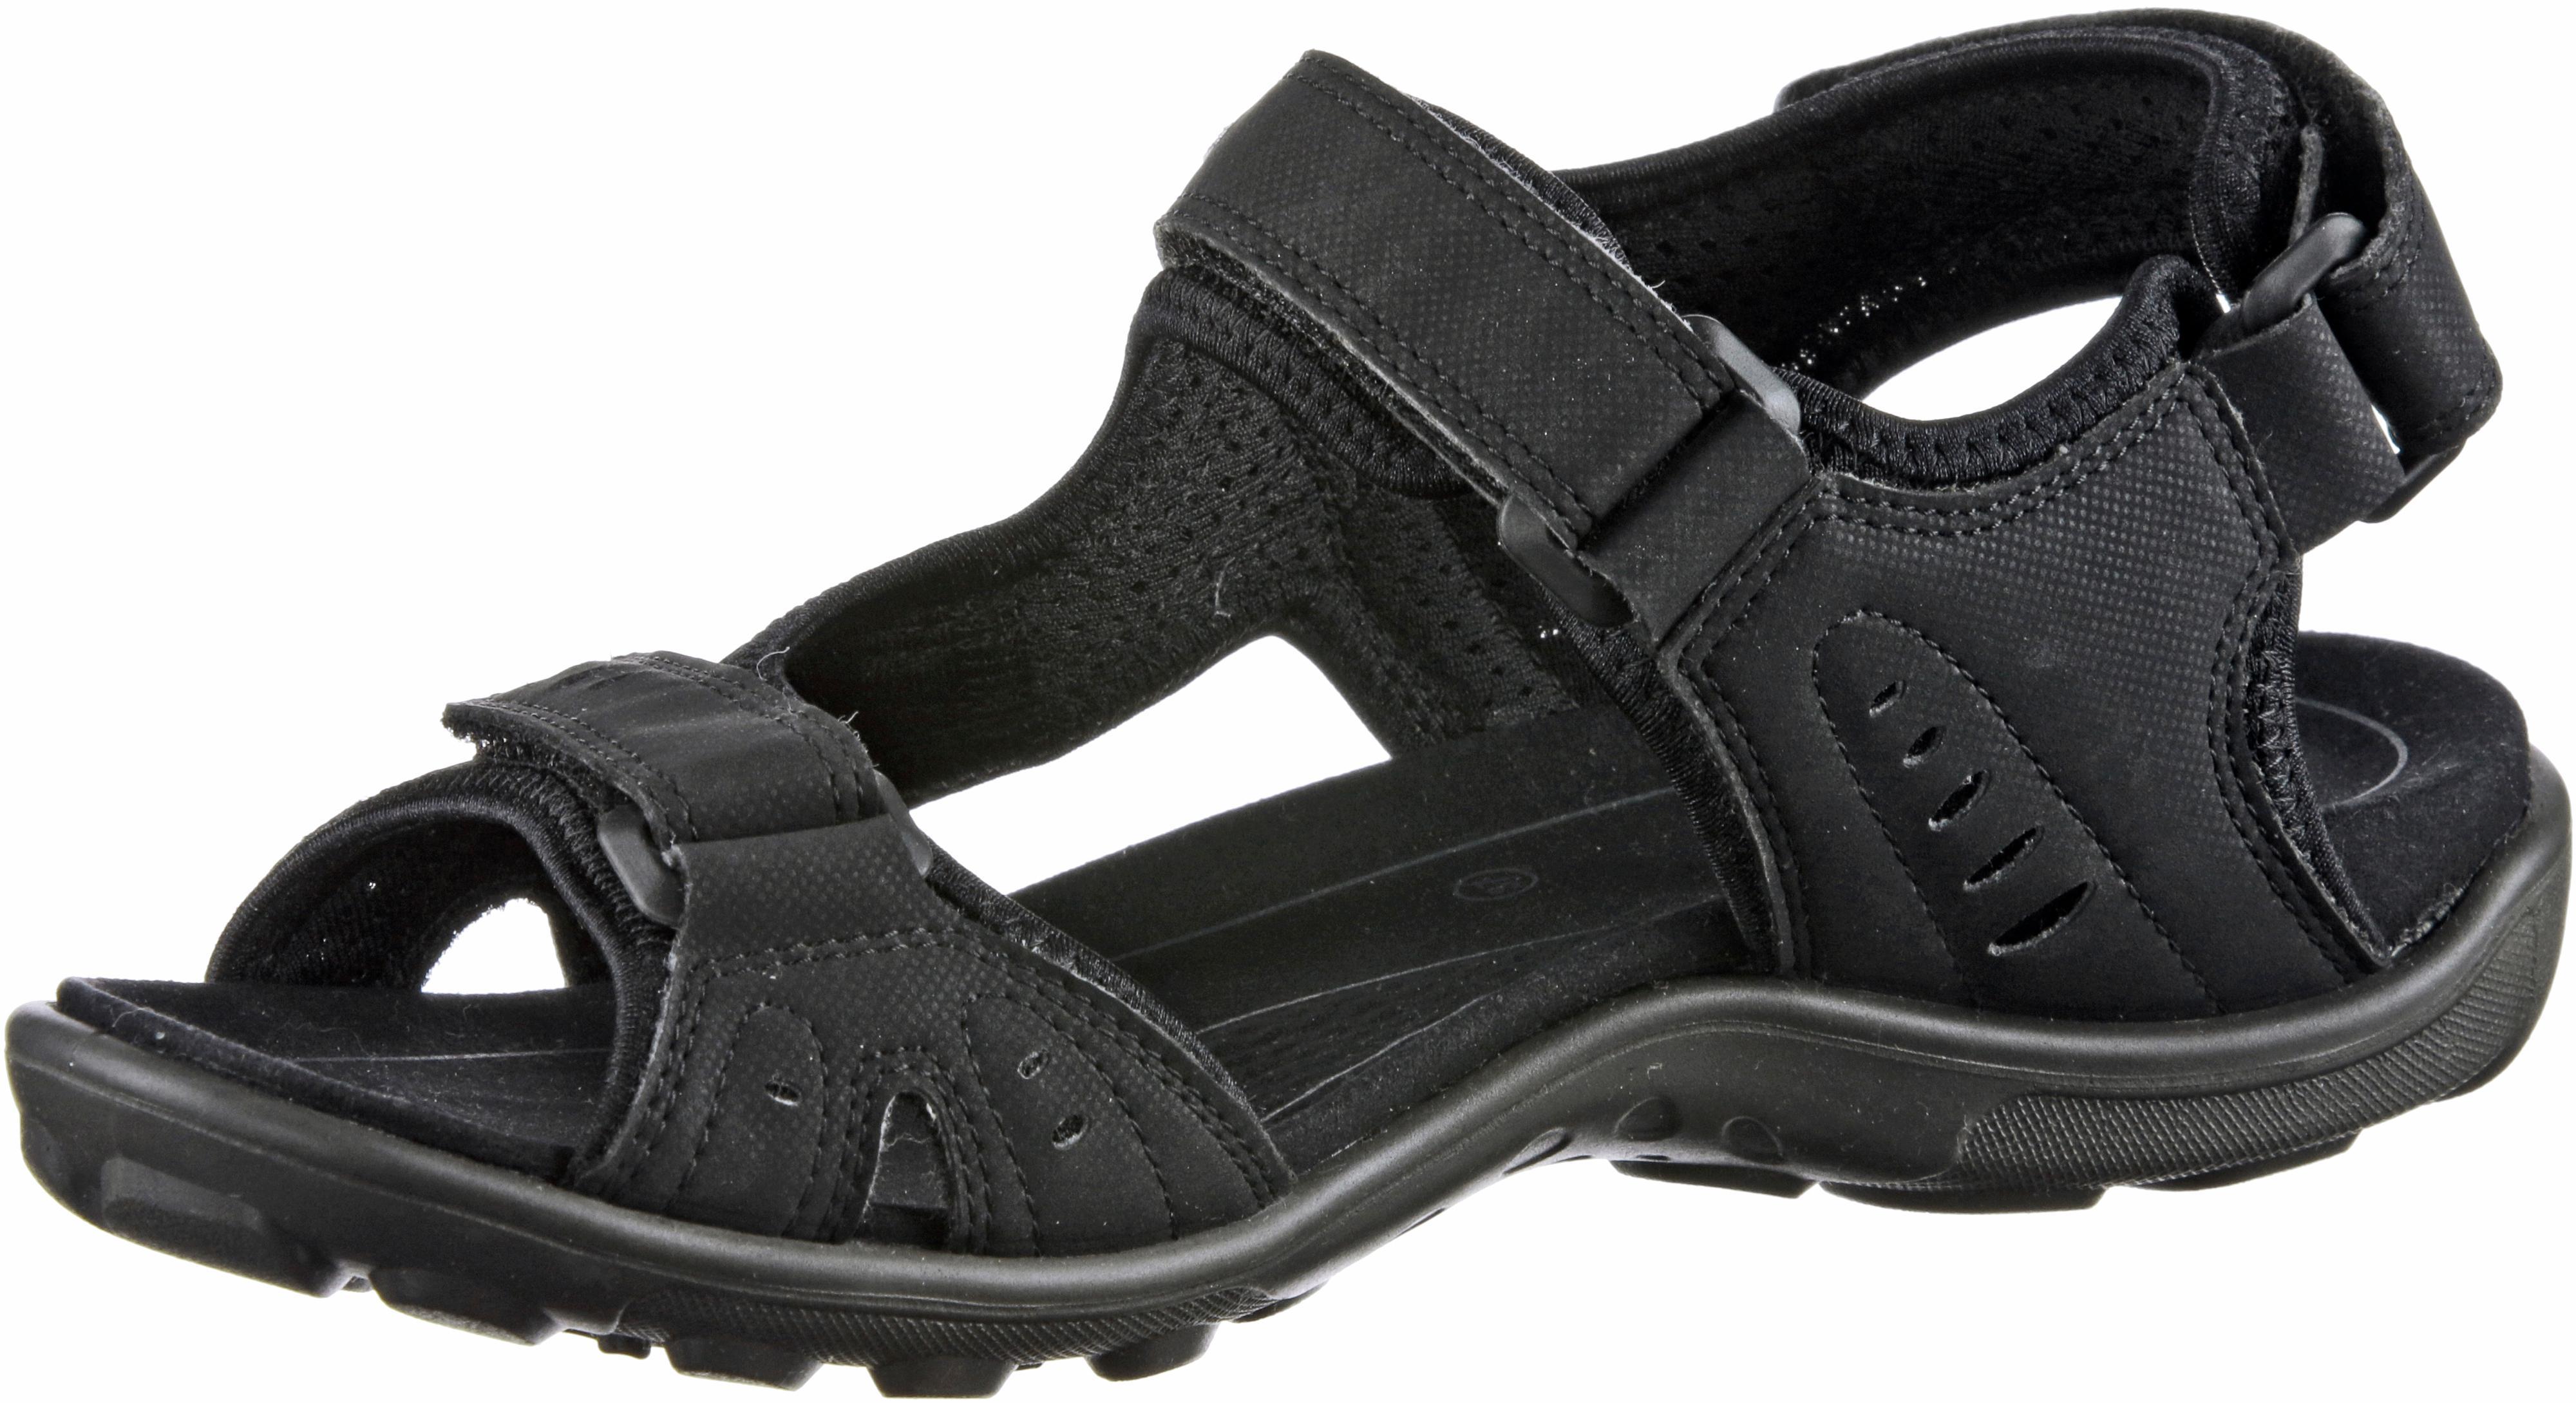 Über Shop24 Günstig Schuhe Kaufen atShop24 Online fbgy76